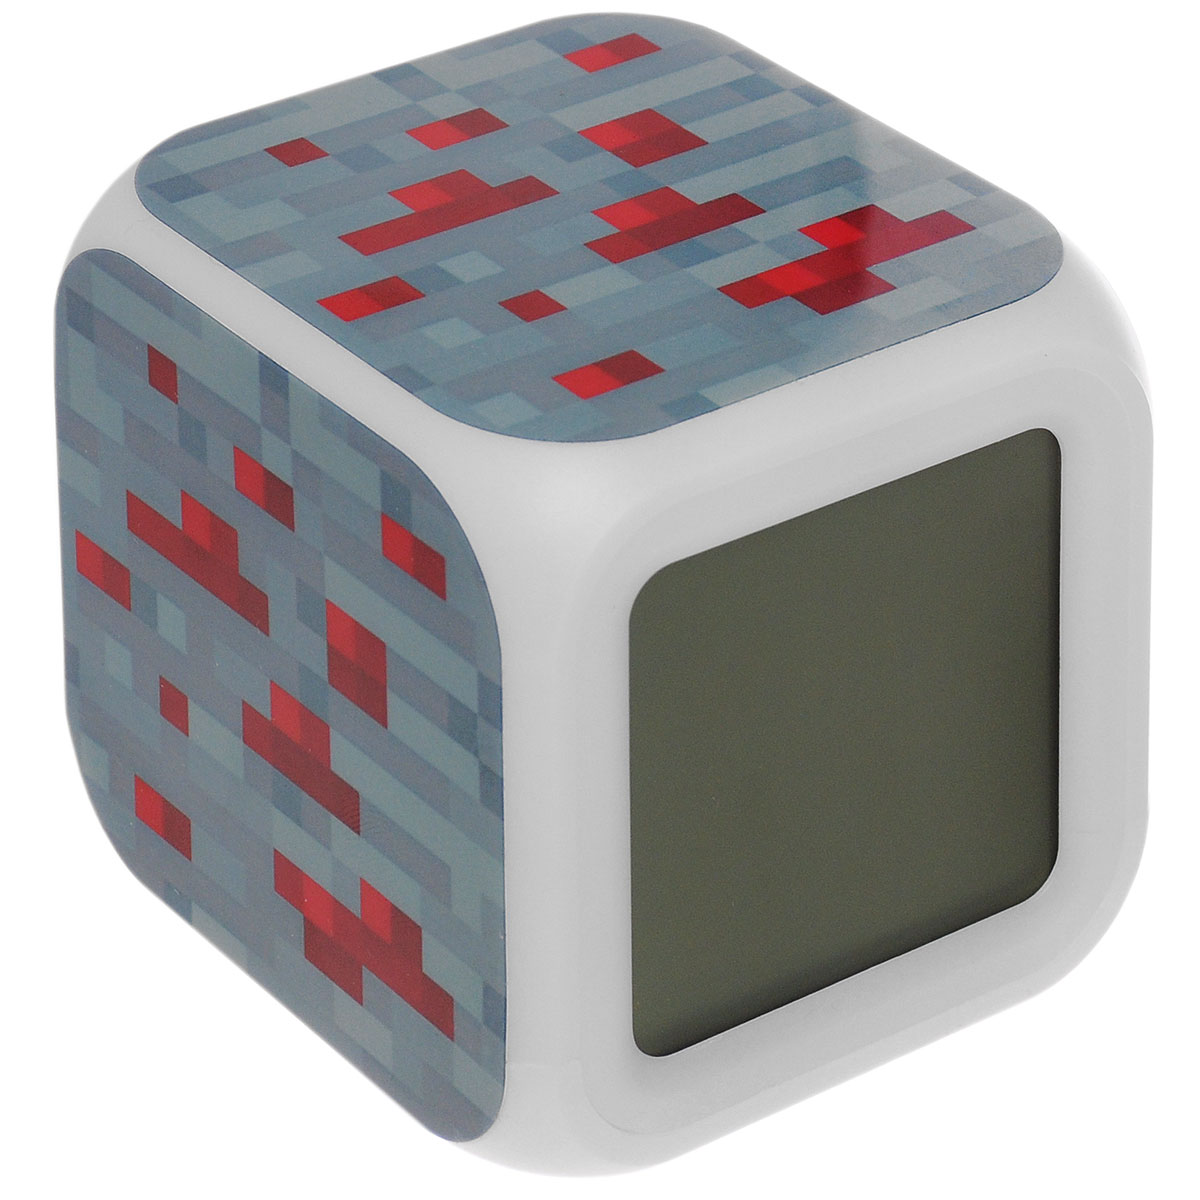 Часы-будильник настольные Minecraft Блок красной руды, пиксельные, с подсветкой, цвет: серый, красный. N03351N03351Настольные часы Minecraft Блок красной руды своим эксклюзивным дизайном подчеркнут оригинальность интерьера вашего дома. Изделие выполнено в виде блока красной руды. Часы создающие настроение. Это - светильник, часы, будильник. Семь оттенков мягкой подсветки, термометр и календарь. Все данные отображаются на ЖК-дисплее.Настольные часы Minecraft станут прекрасным аксессуаром для вашего дома, либо прекрасным подарком, который обязательно понравится получателю. Необходимо докупить 4 батарейки типа ААА (в комплект не входят).